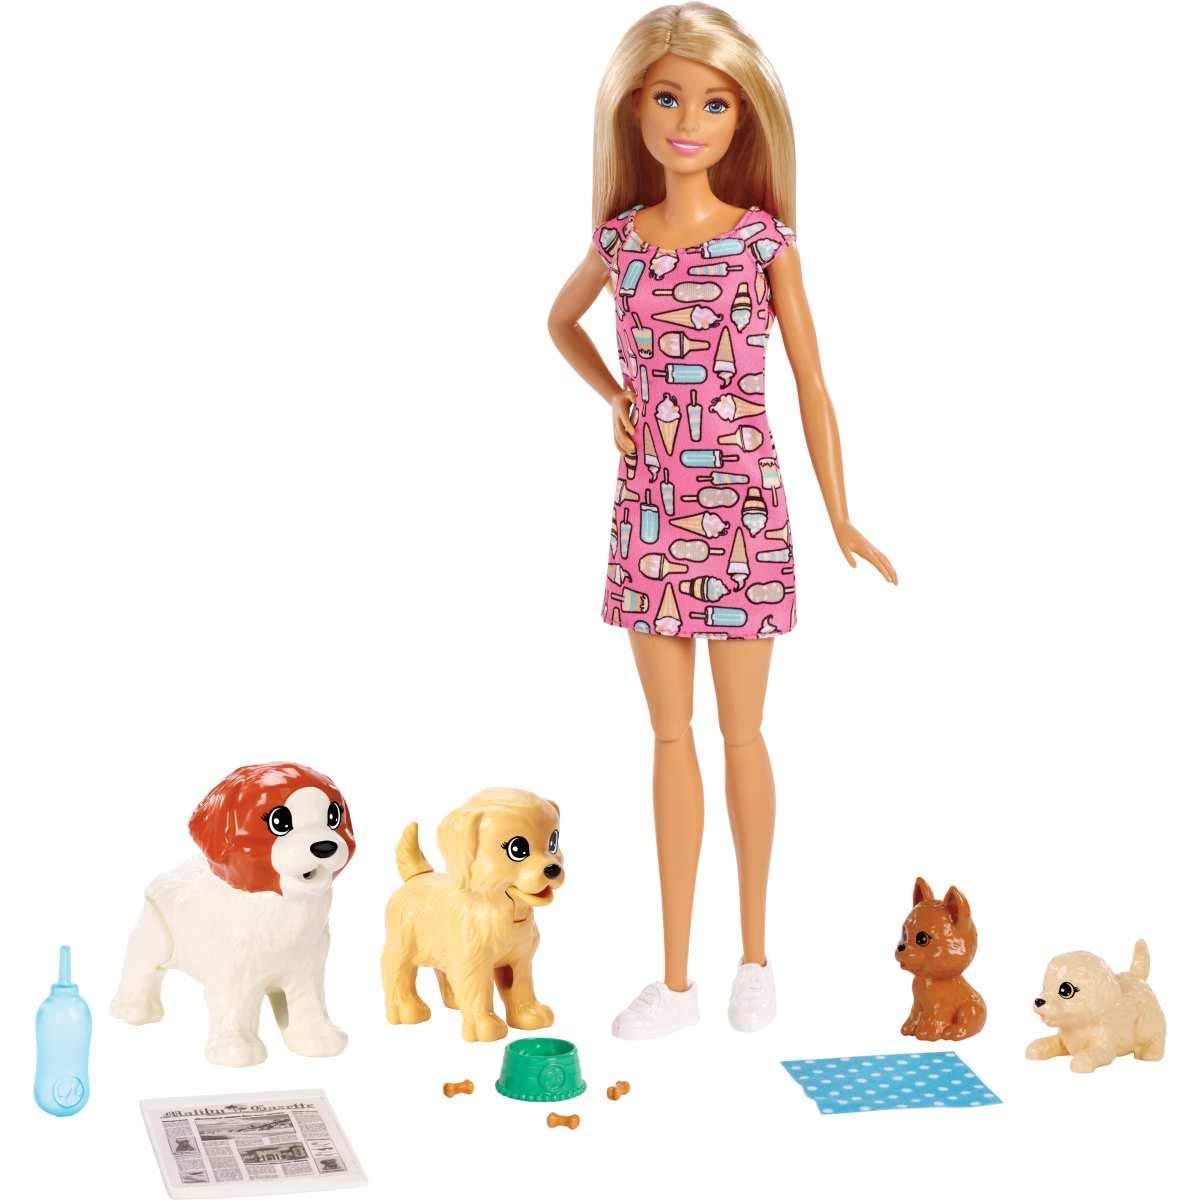 Барби Уход за щенками Детский сад Barbie Doggy Daycare Doll & Pets